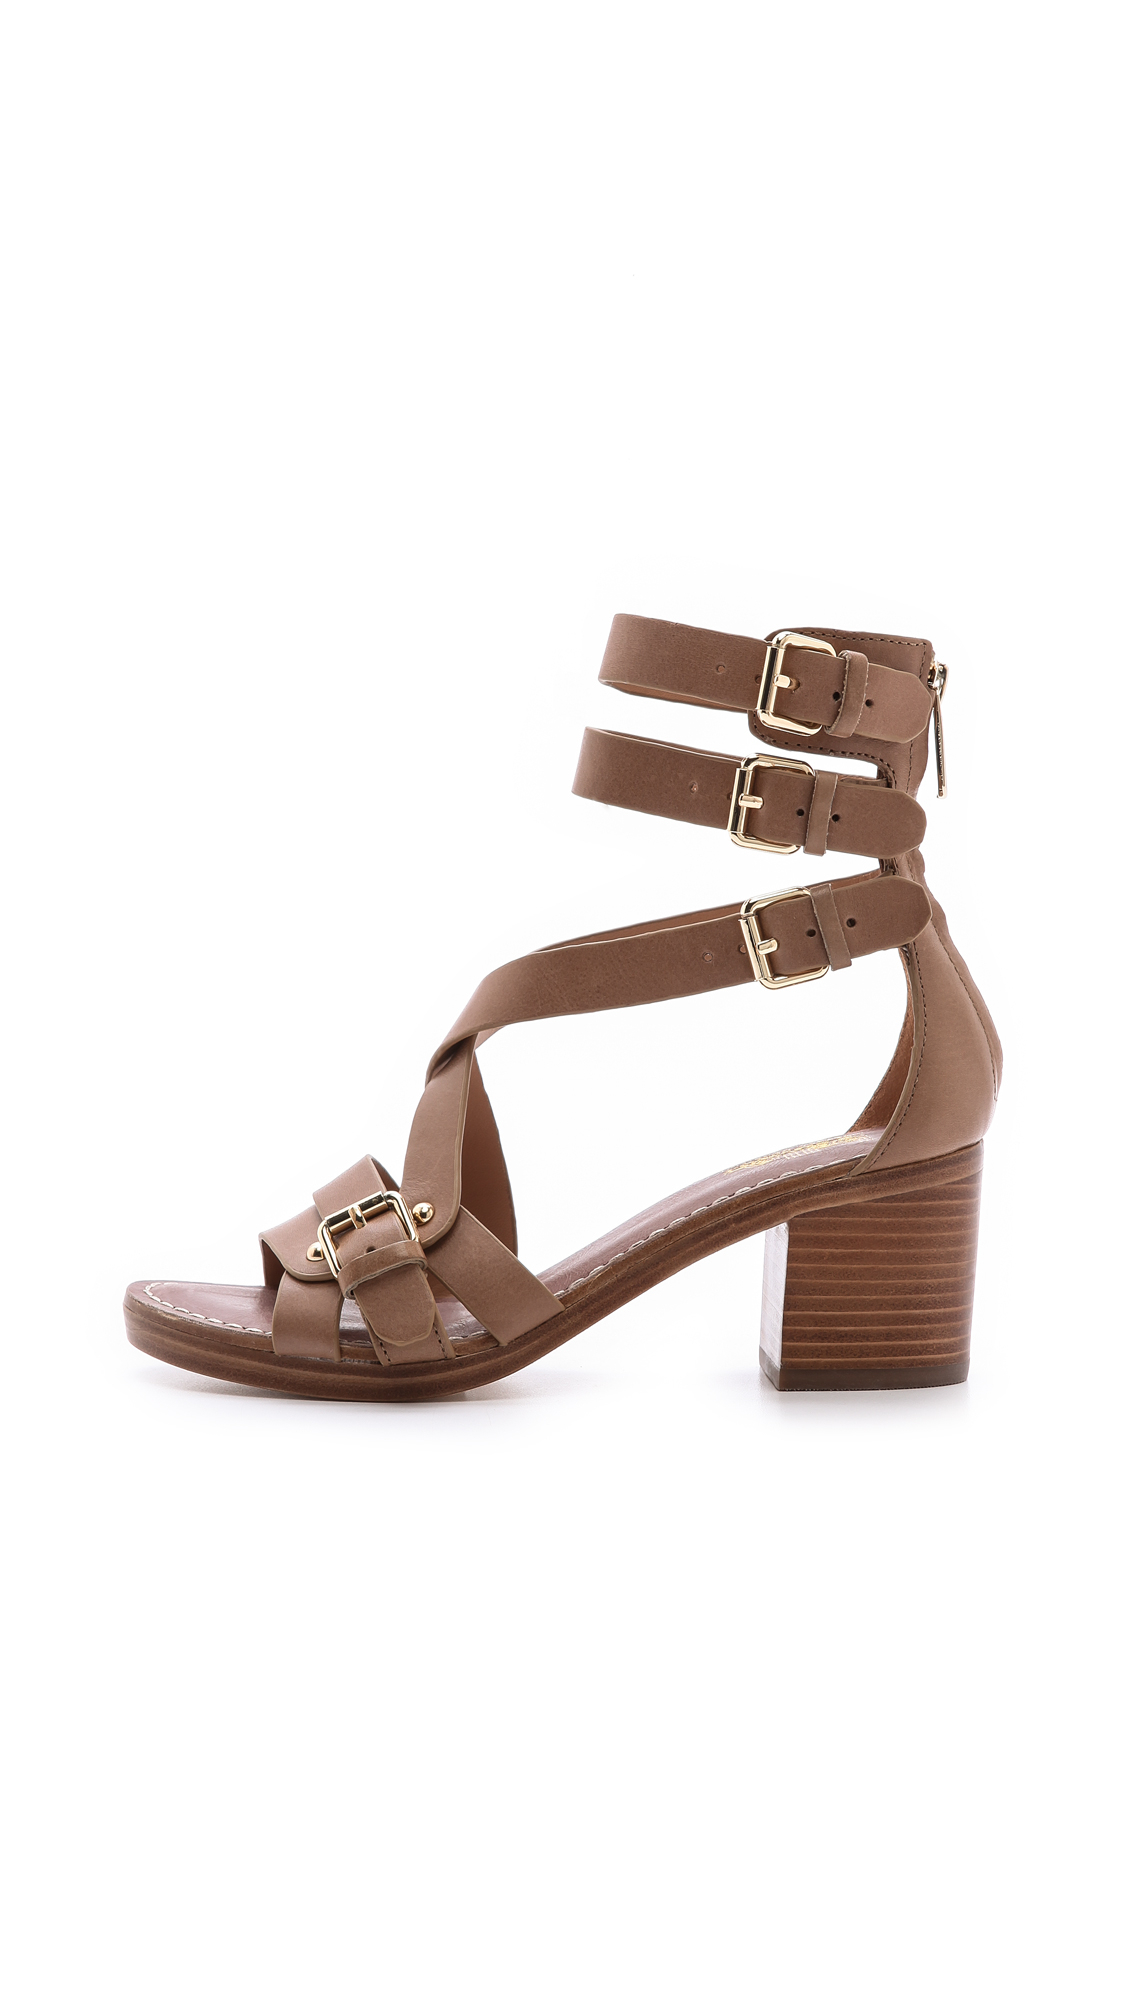 Belle by Sigerson Morrison Block heel sling back sandals q2cM9InG